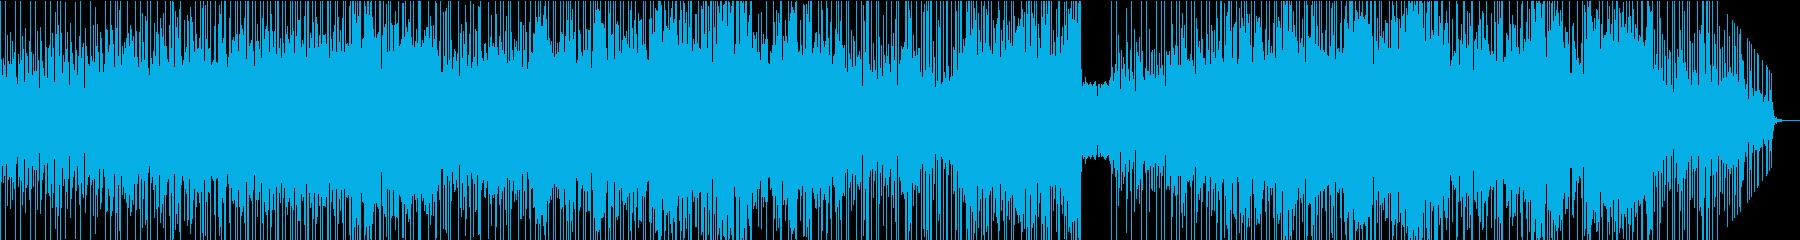 6/8のアコギ系ハードロックの再生済みの波形